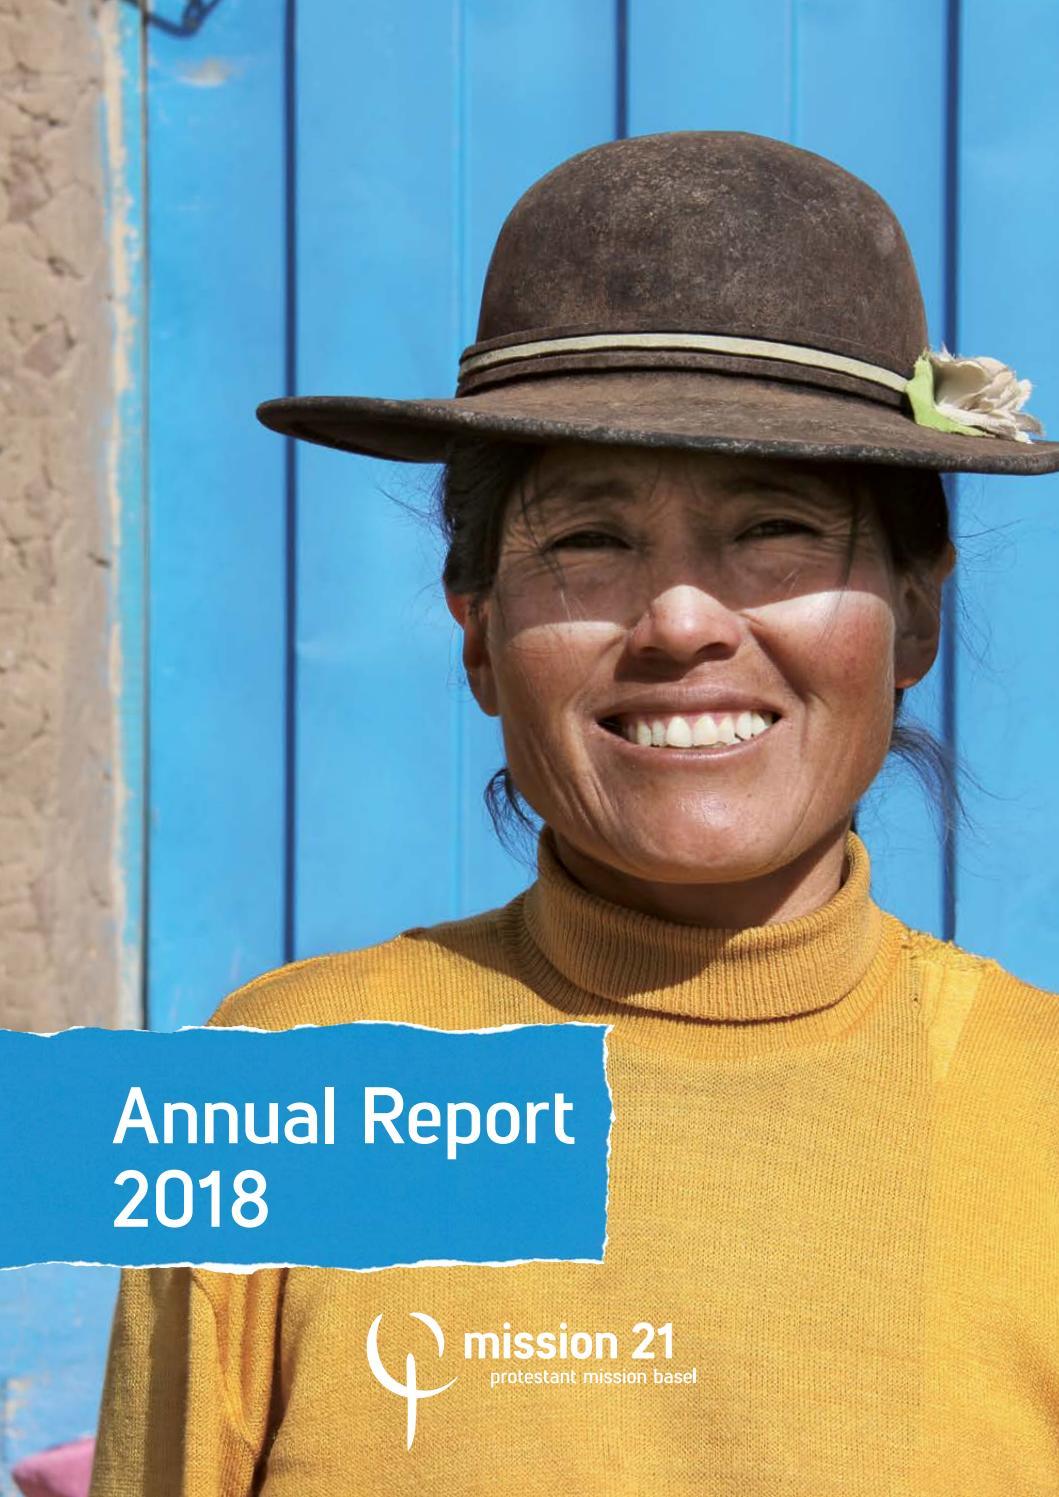 Andrea Suwa annual report 2018mission 21 - issuu